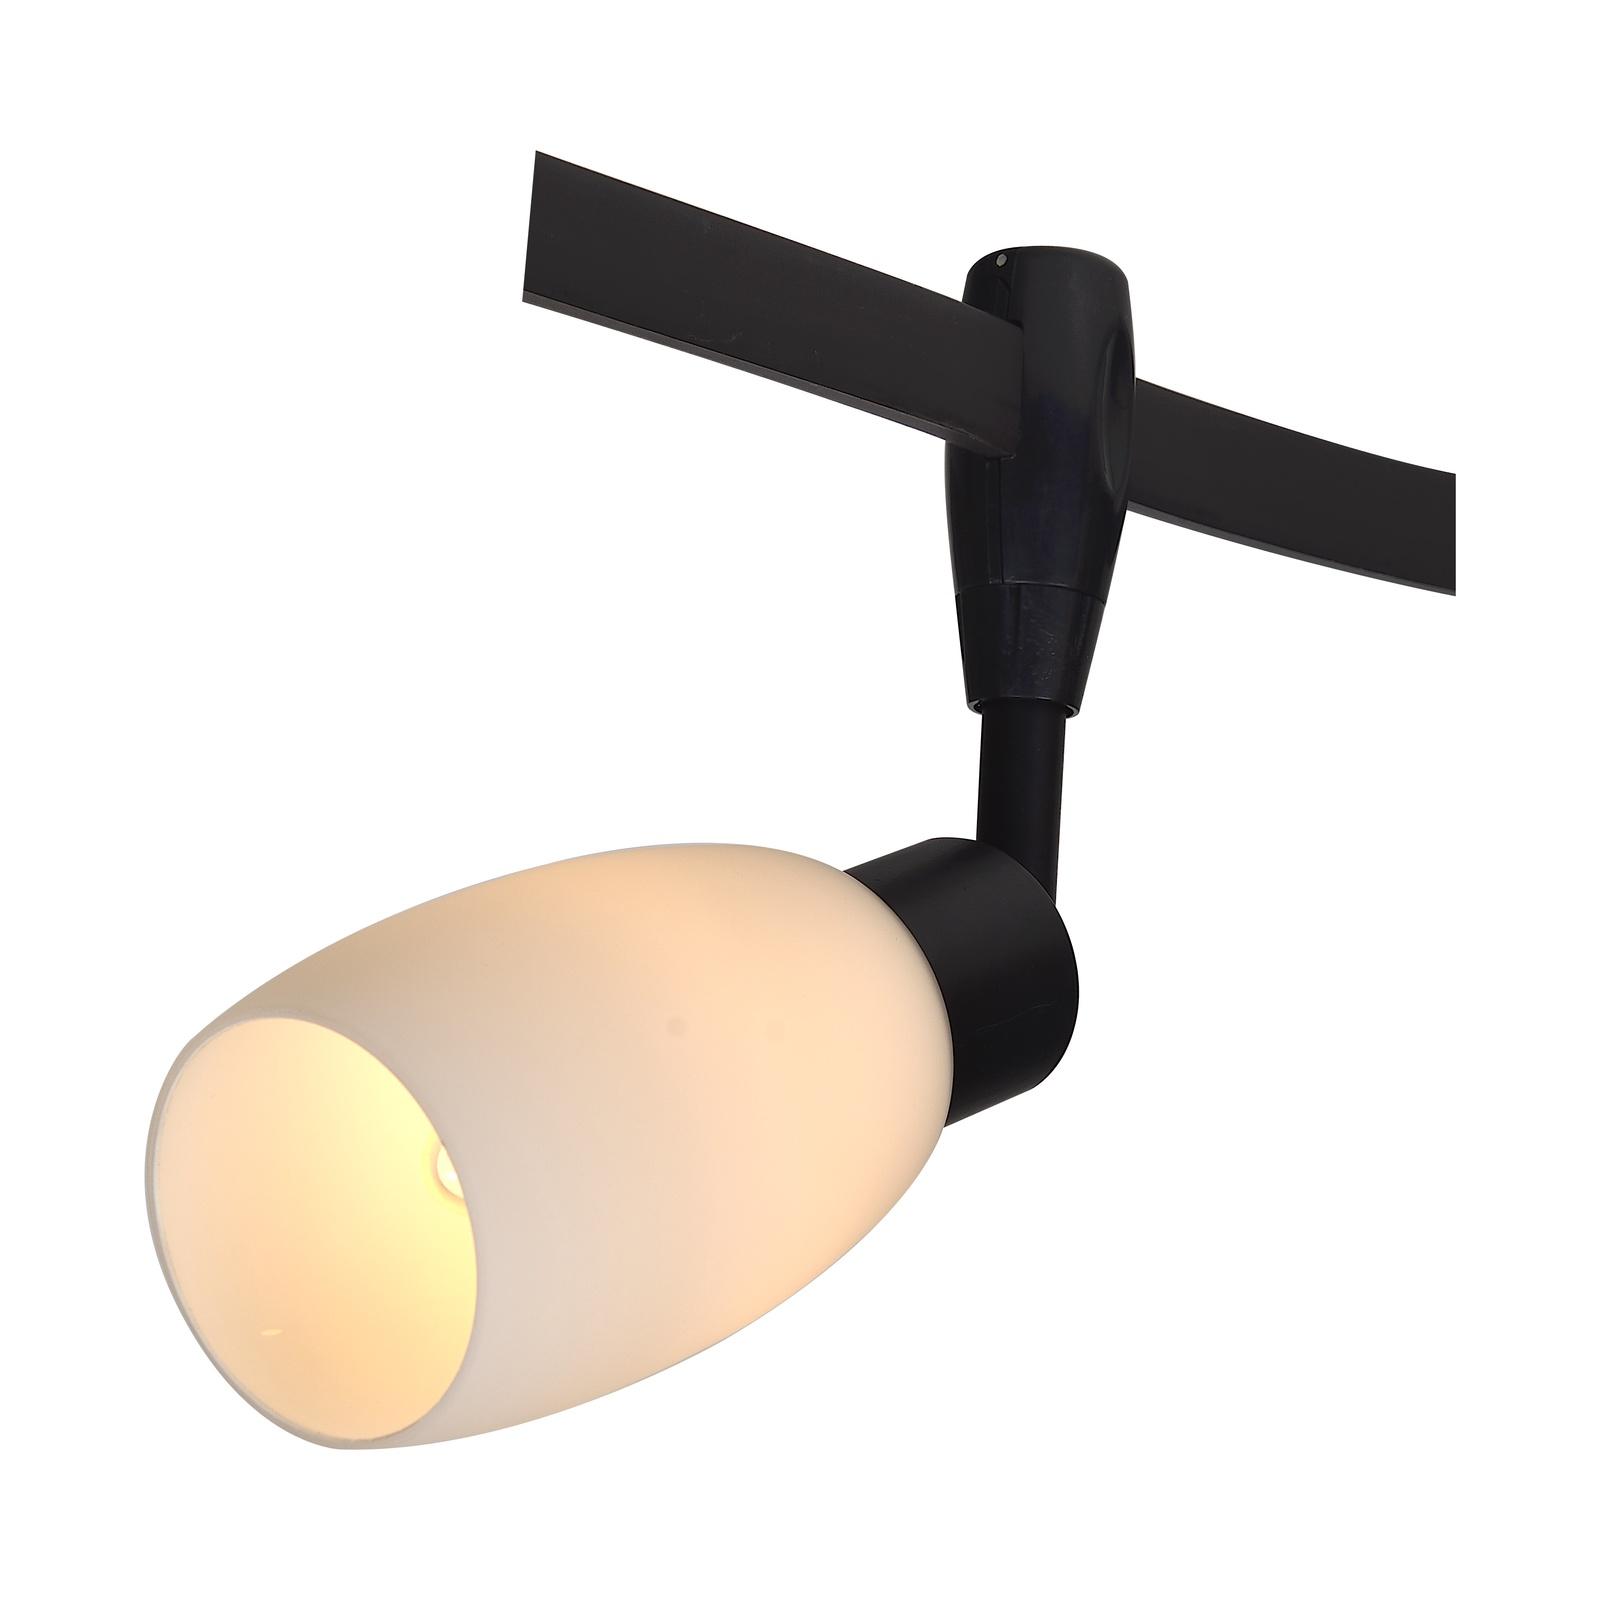 Настенно-потолочный светильник Arte Lamp A3059PL-1BK, E14, 40 Вт